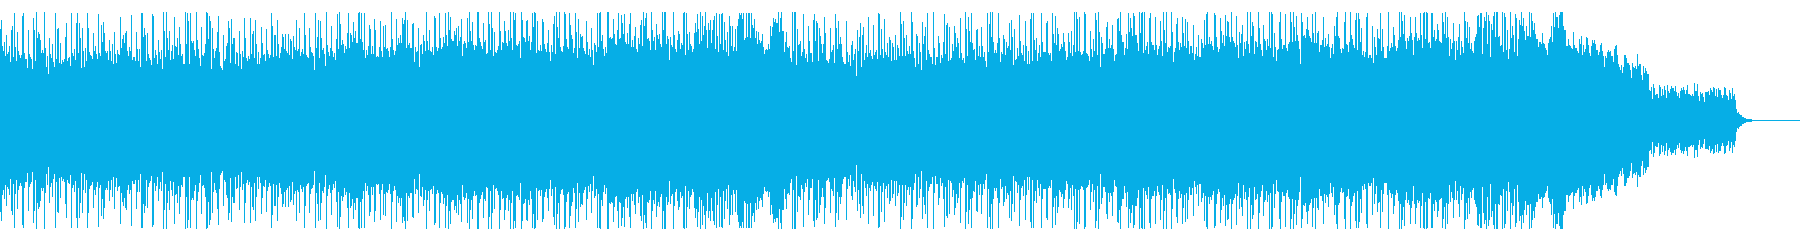 企業VP 爽やかなギターロック Aの再生済みの波形